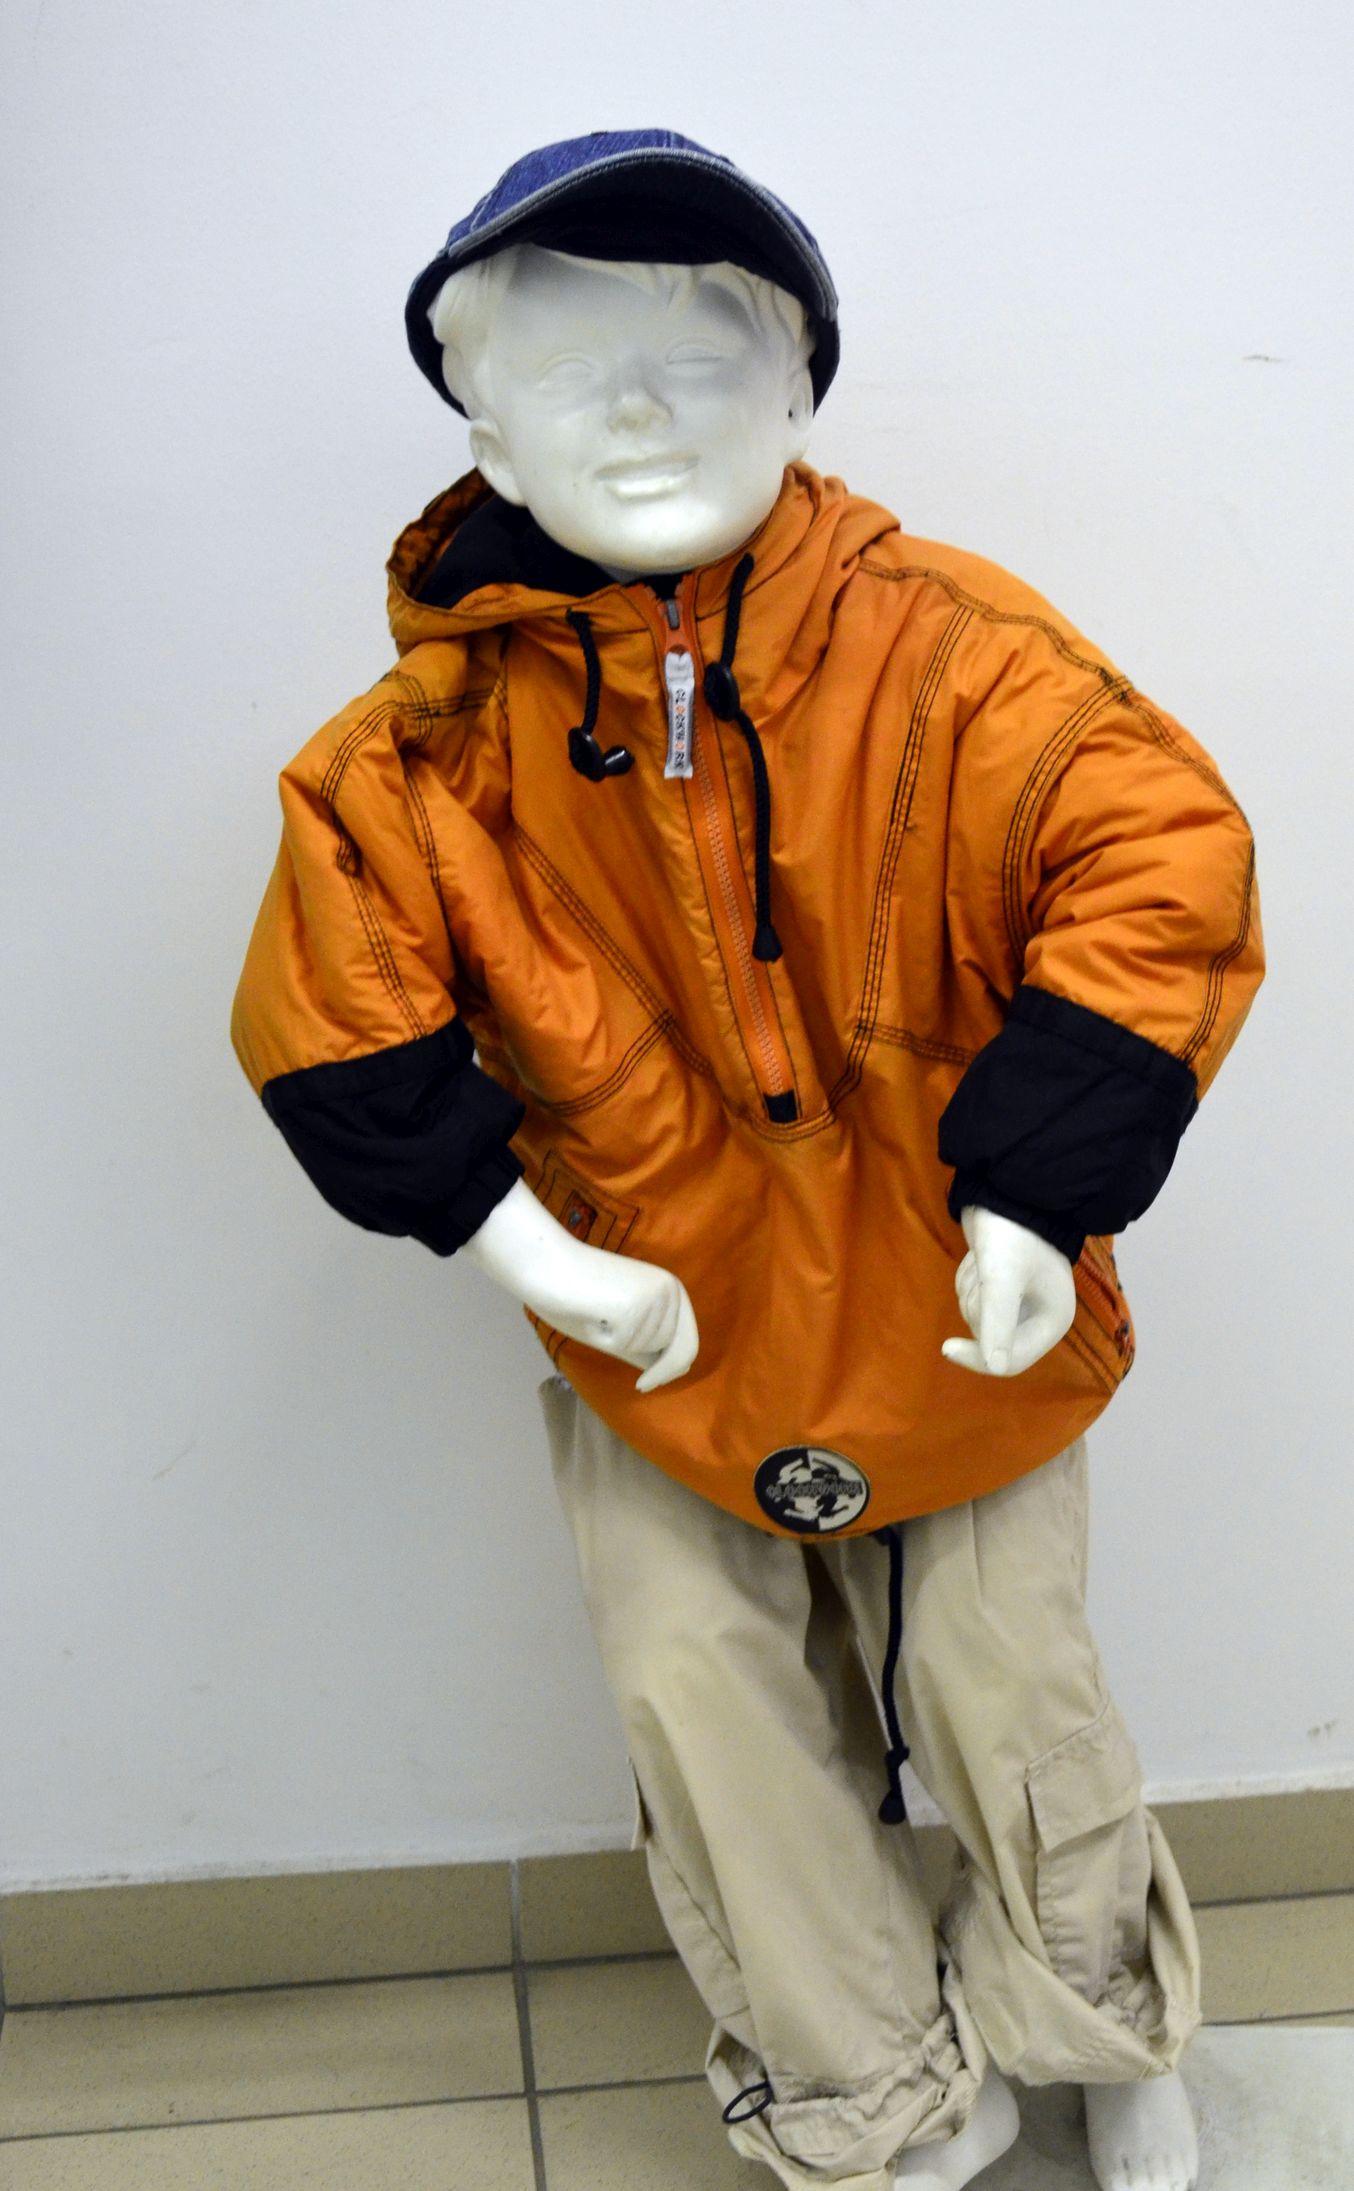 be51712283 használt ruhák pécs, használt ruha pécs, használt ruhák, használt ruhák, pécsi  használt ...